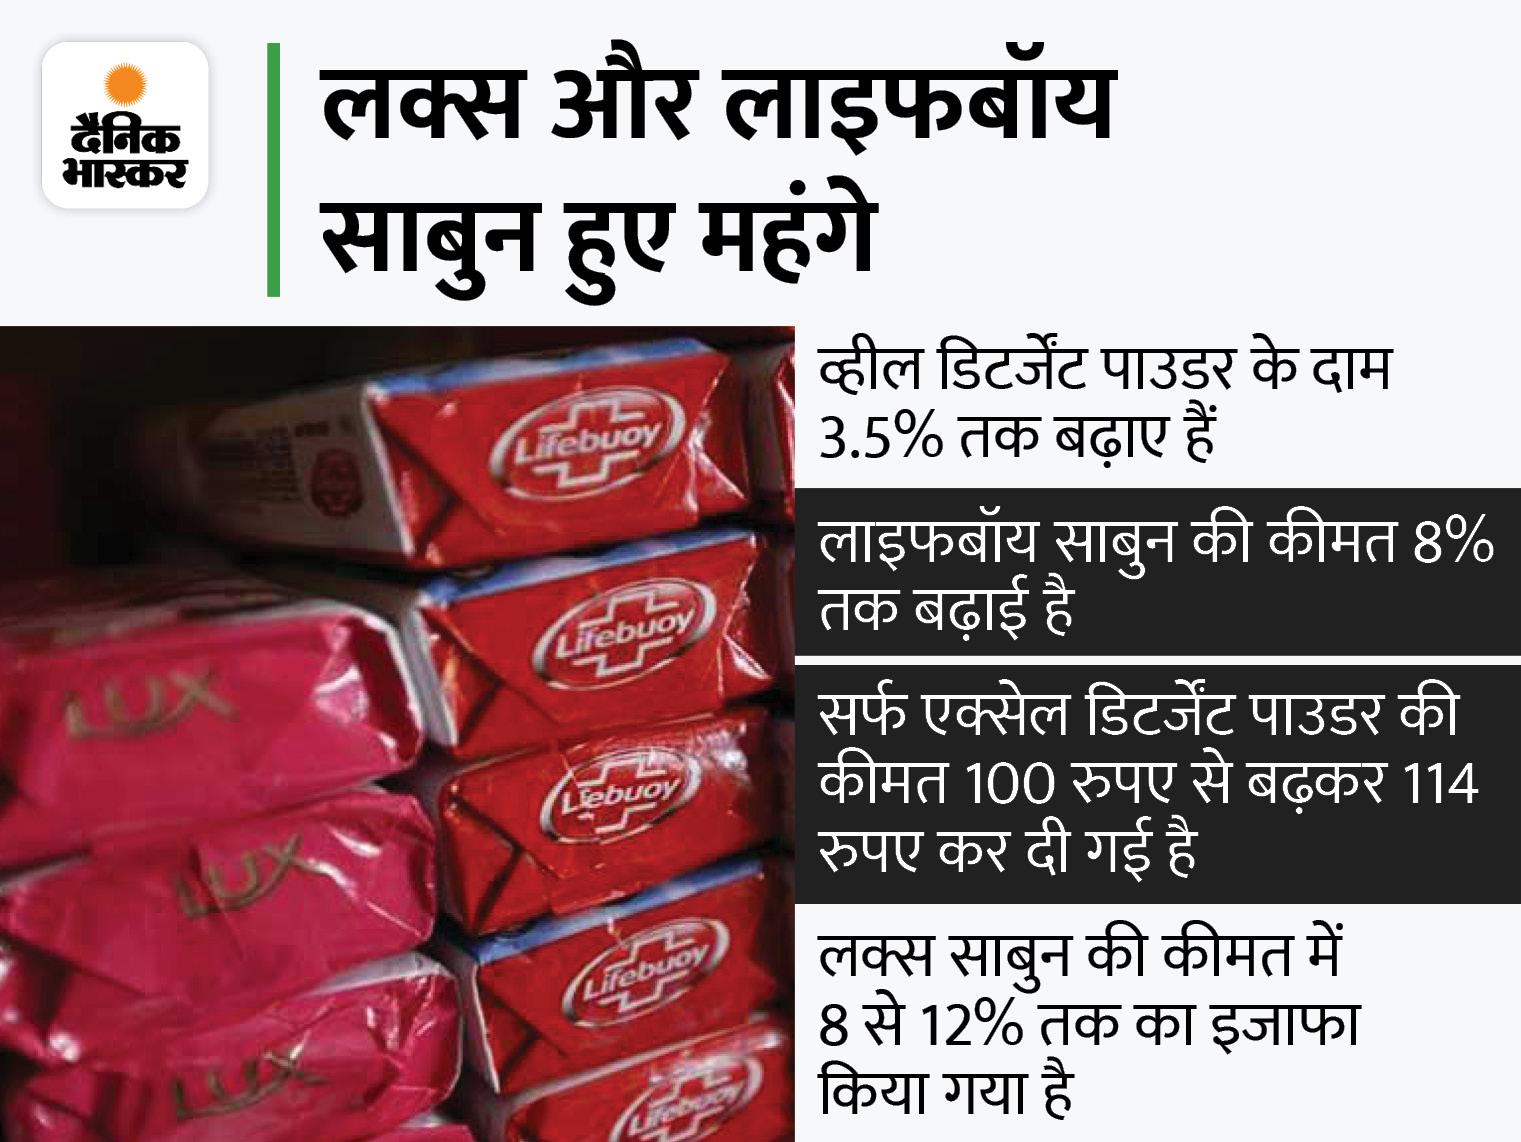 नहाना और कपडे़ धोना हुआ महंगा, हिन्दुस्तान यूनीलीवर लिमिटेड ने बढ़ाए साबुन के दाम बिजनेस,Business - Dainik Bhaskar